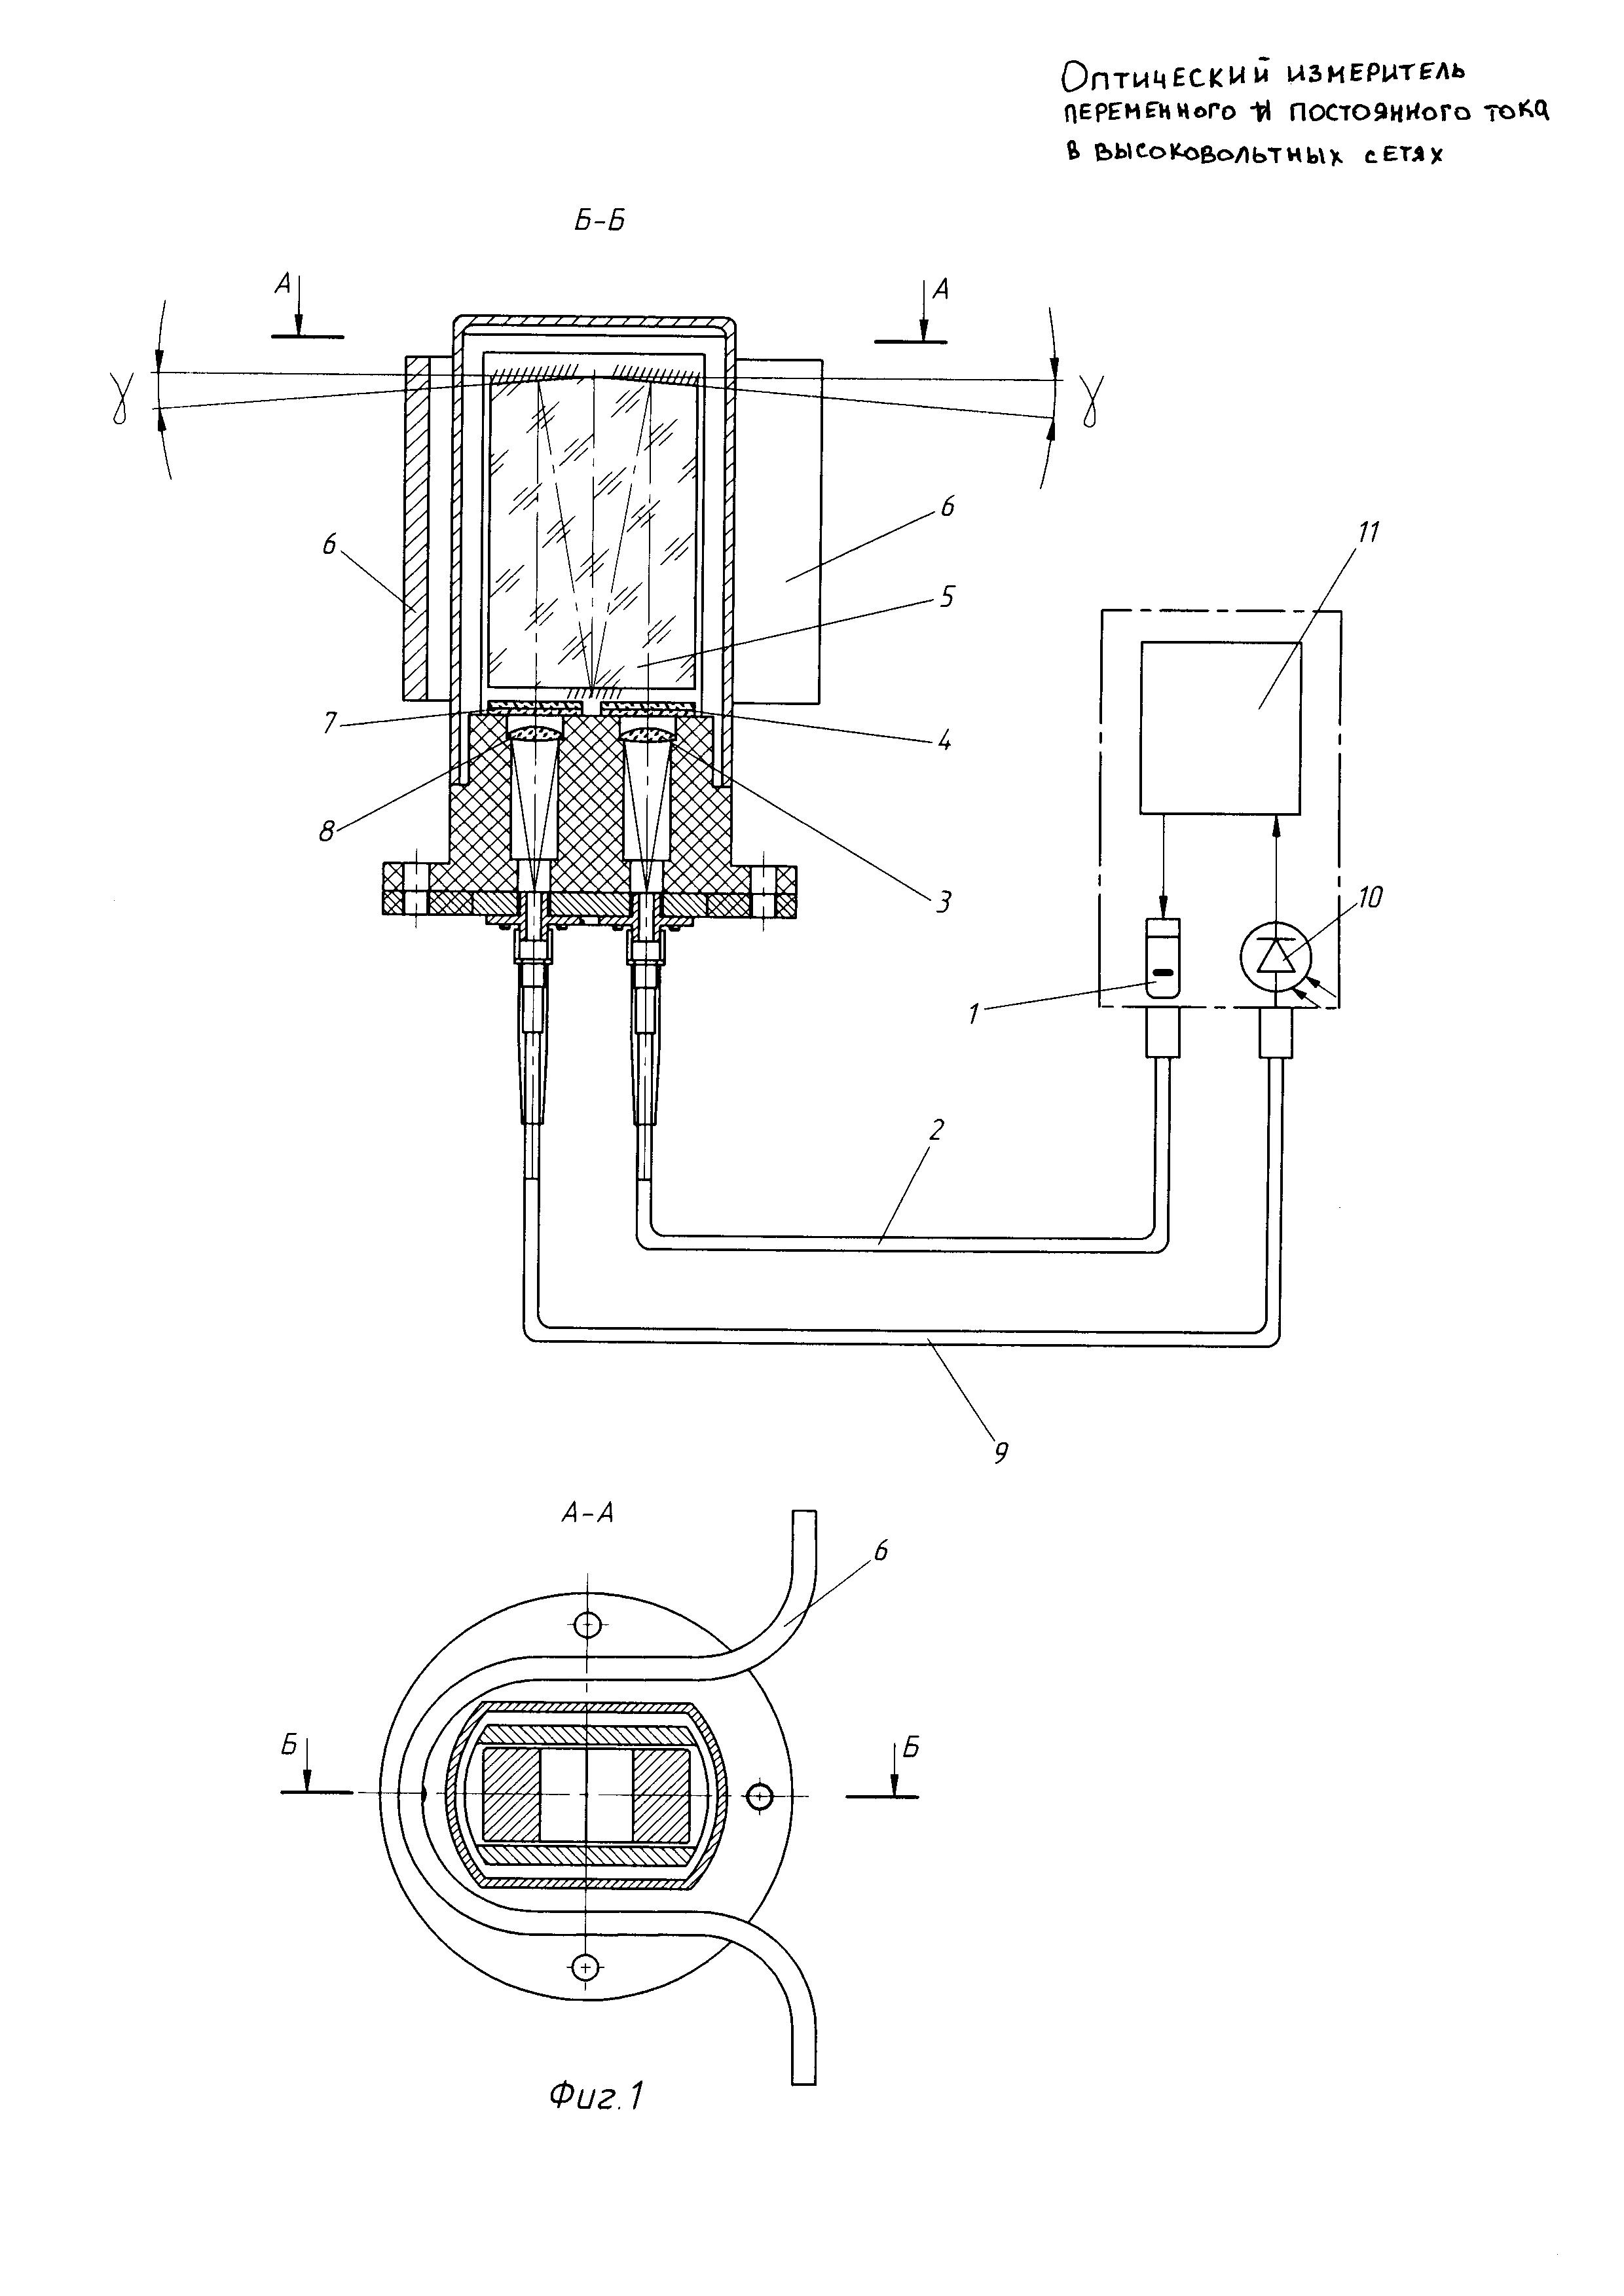 Оптический измеритель переменного и постоянного тока в высоковольтных сетях